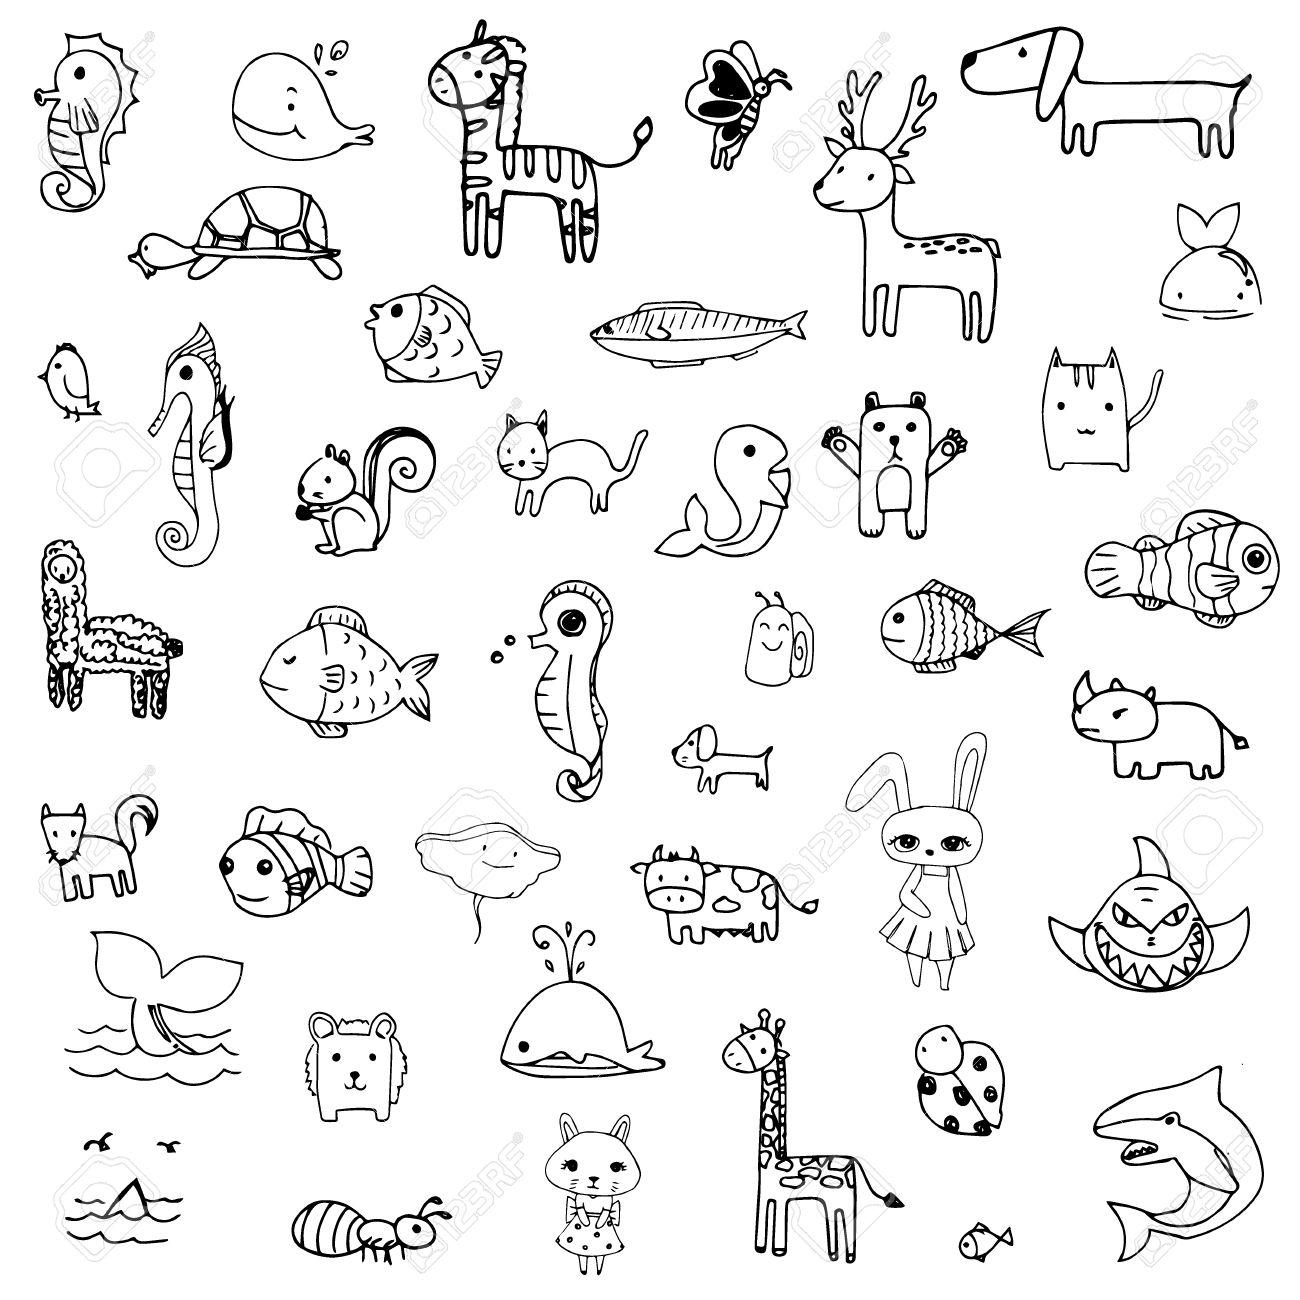 Dessin D Animaux Mignon un ensemble de dessin dessin animé d'animal mignon en ligne noire